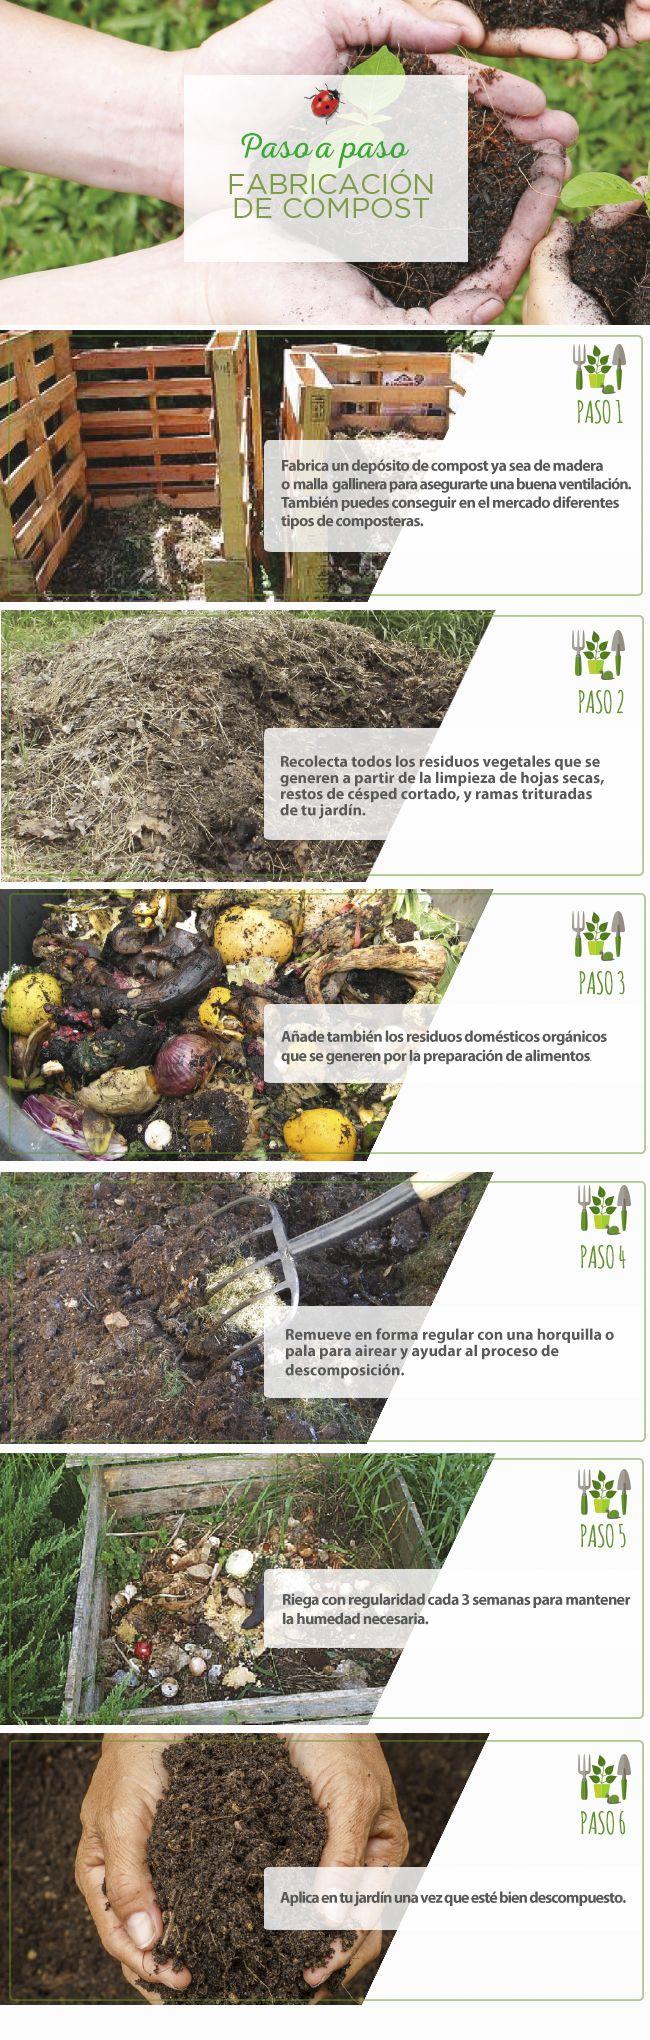 #Compost #Jardín #Tendencias #Easy